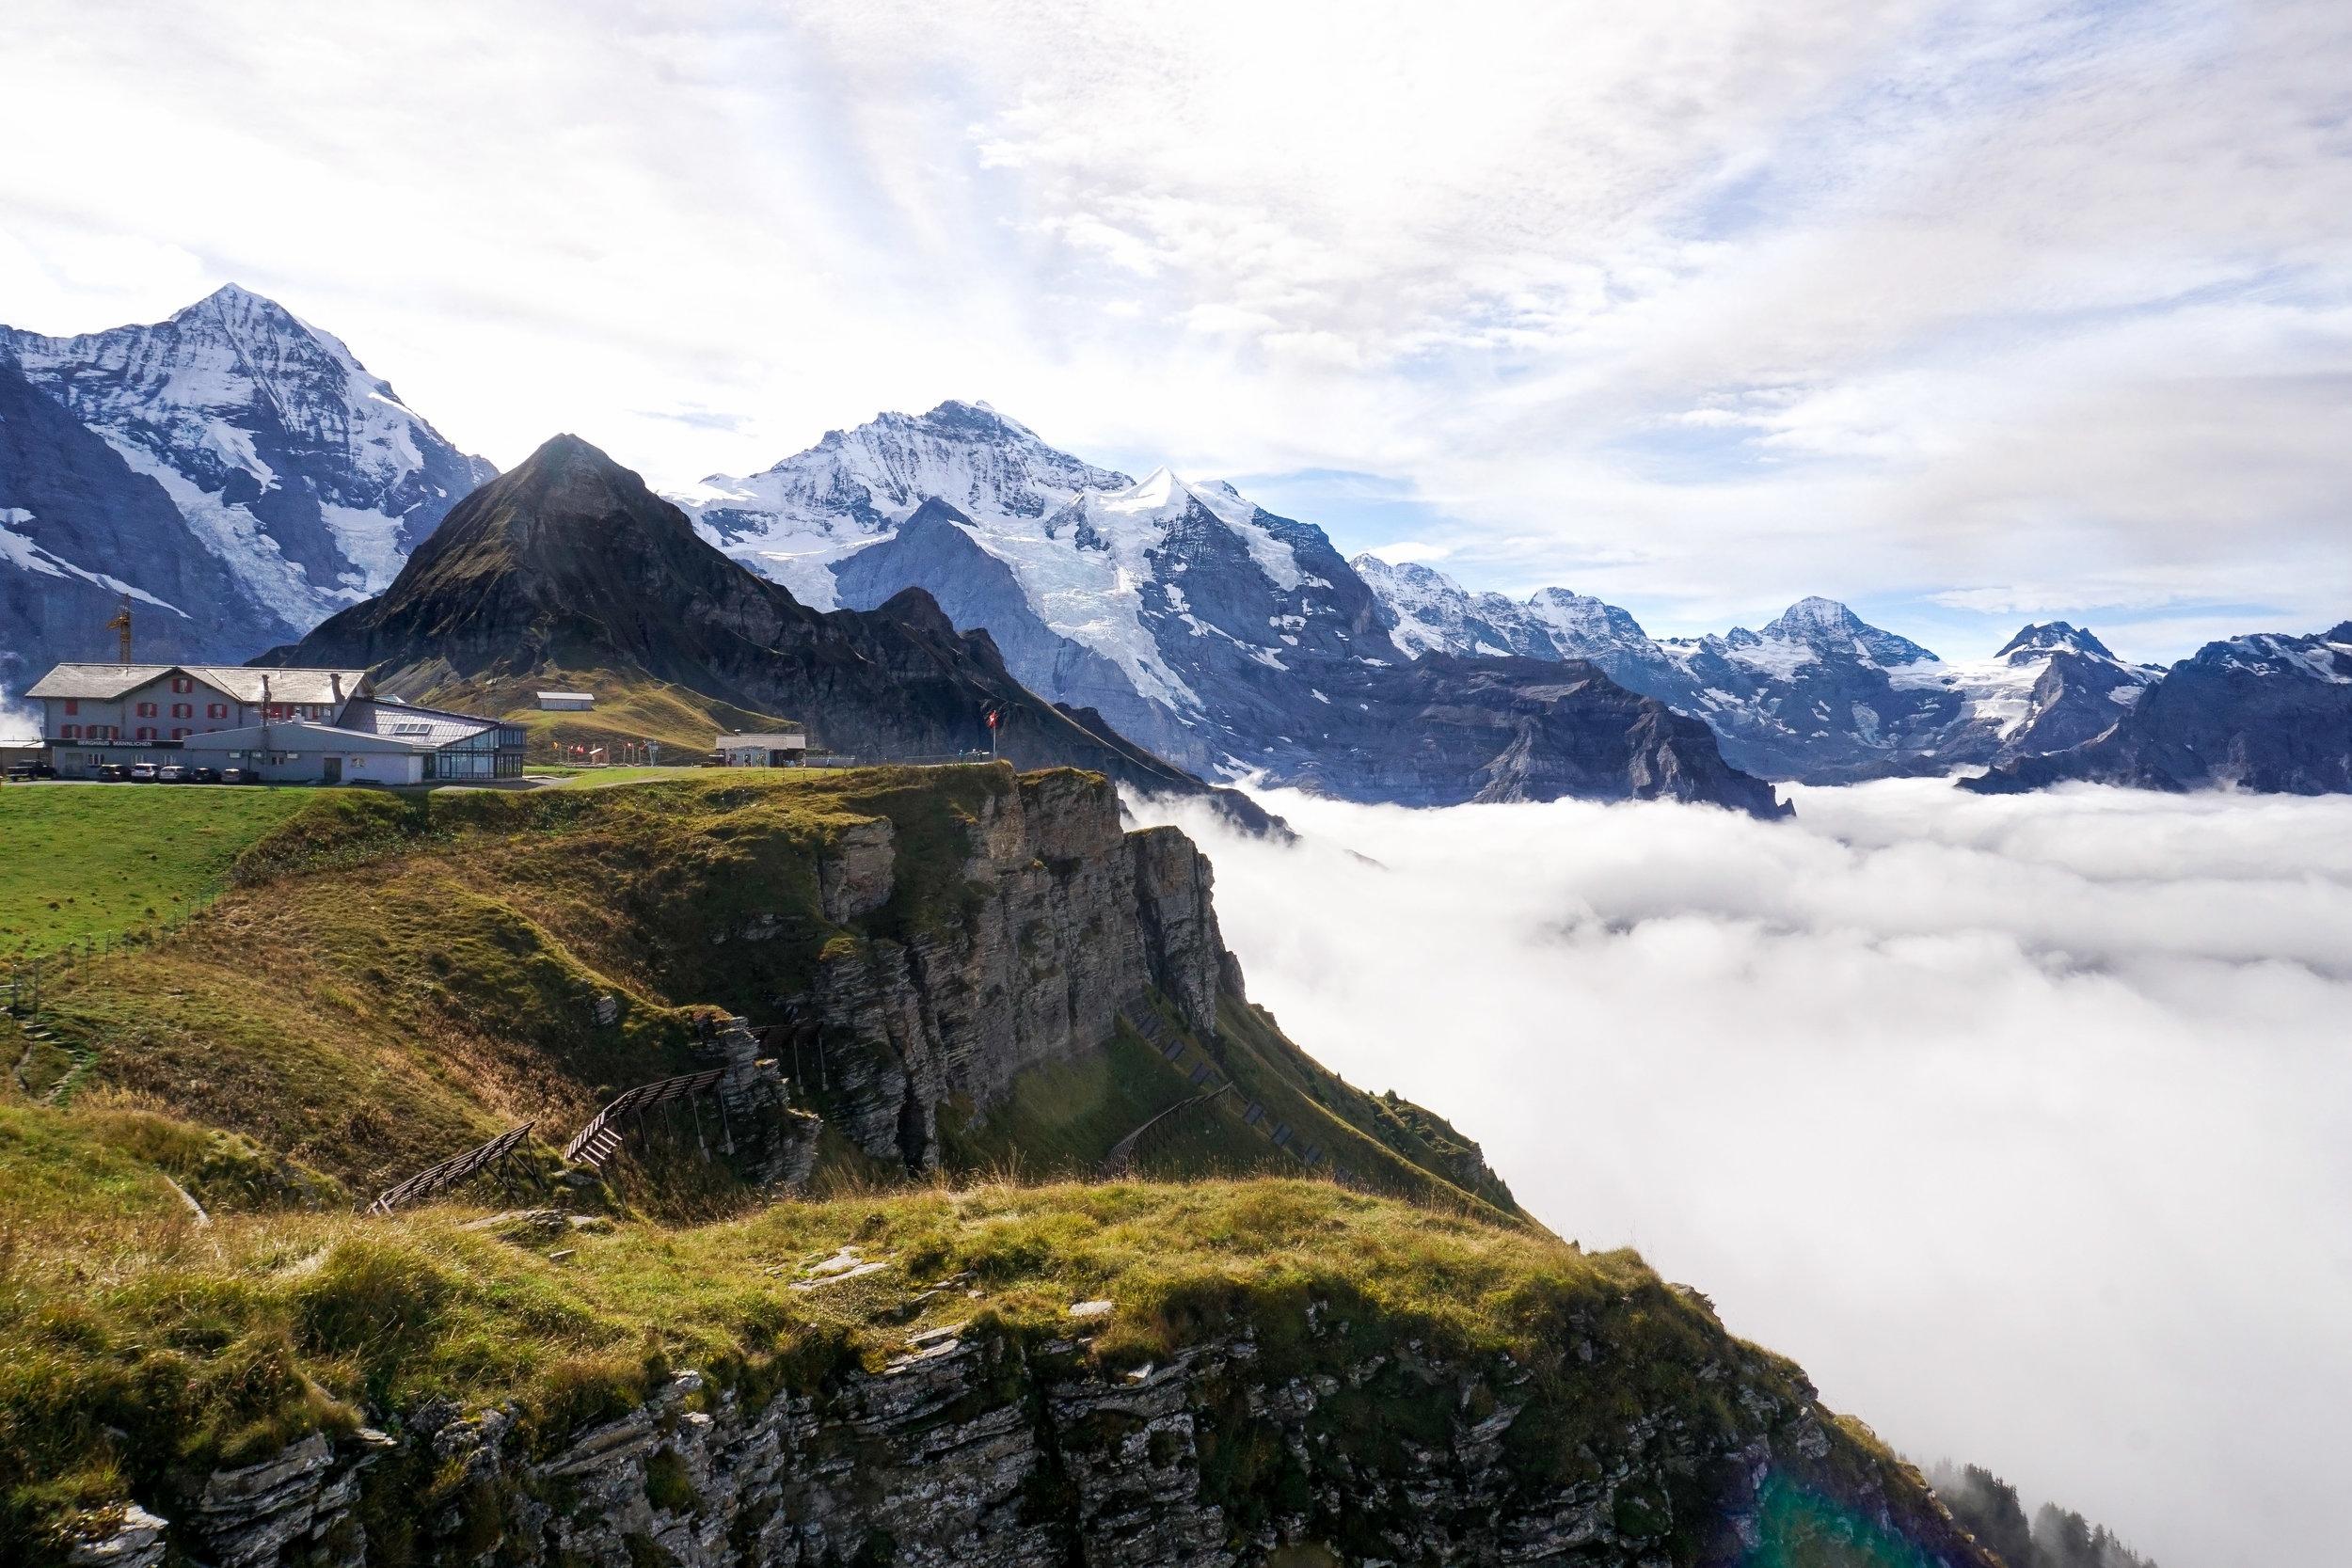 curio.trips.switzerland.jungfrau.peak.clouds.landscape-2.jpg